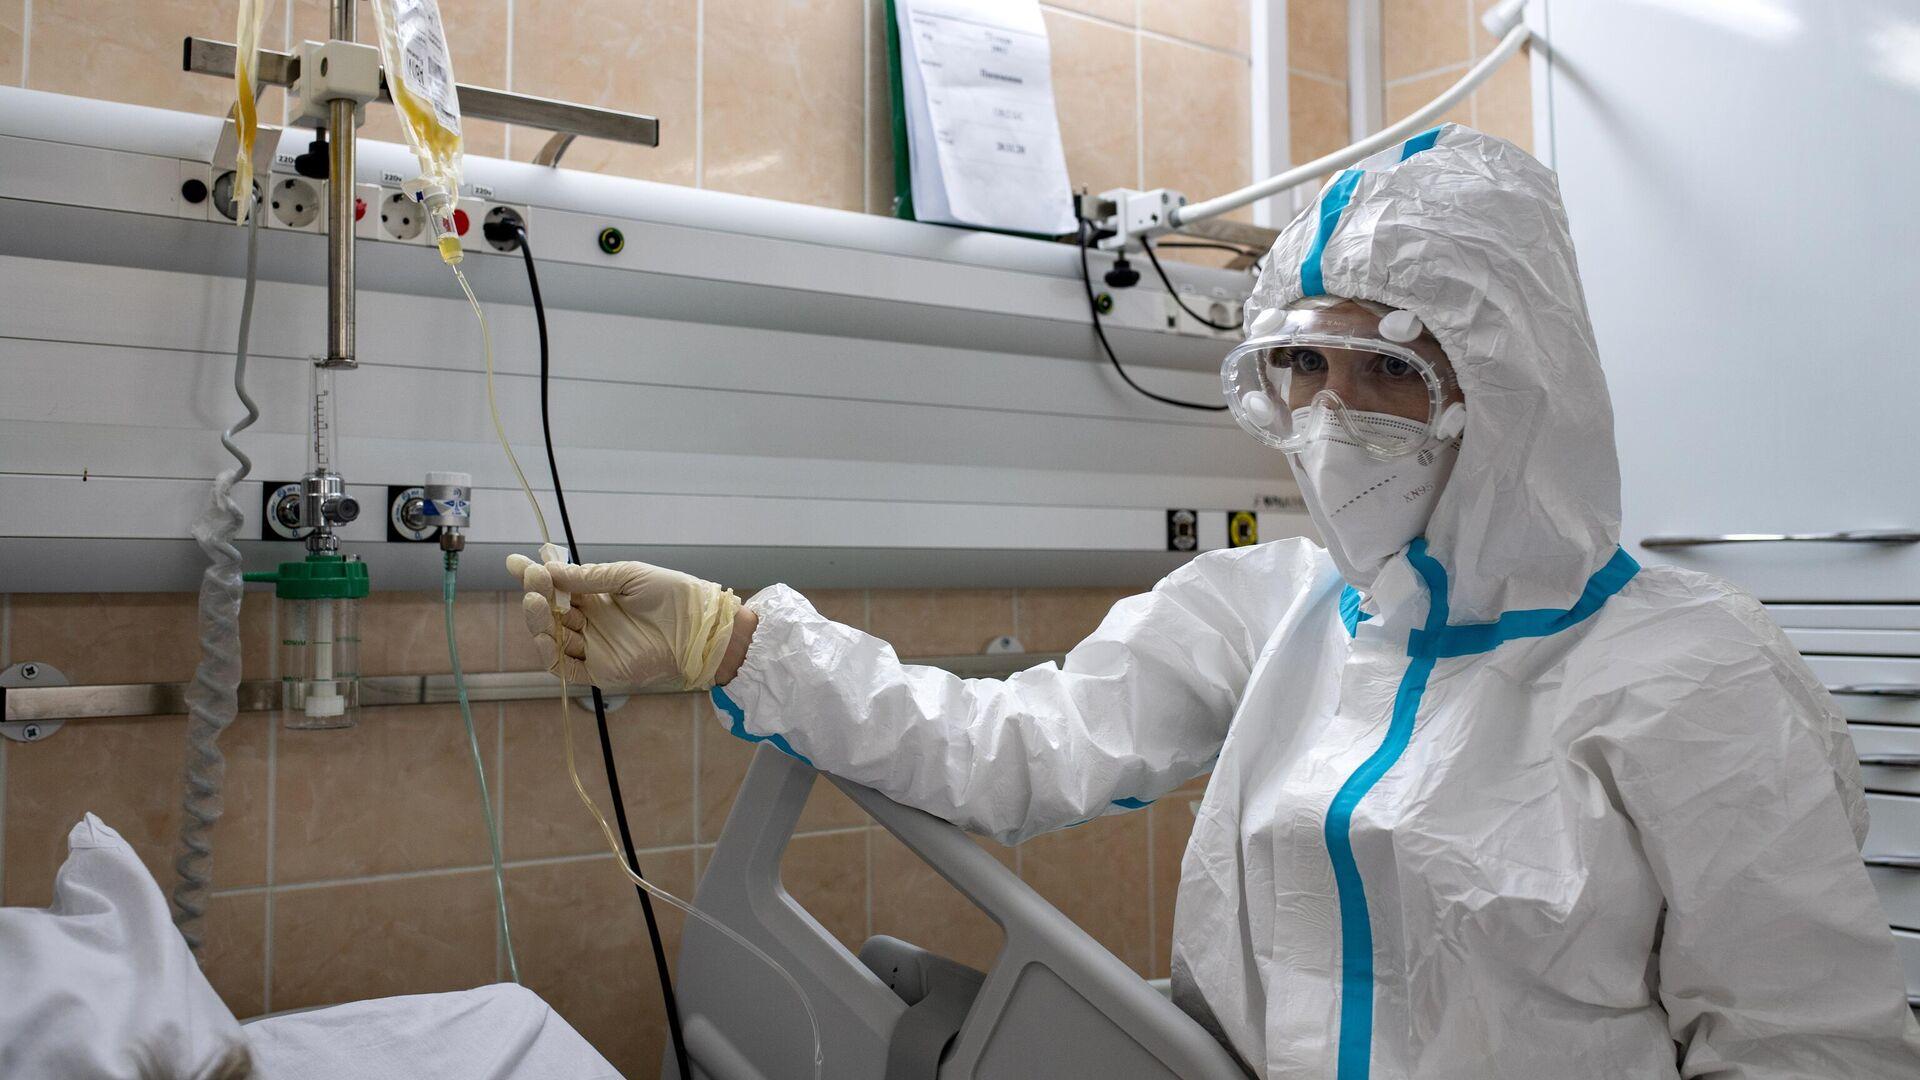 Медицинский работник  в отделении реанимации и интенсивной терапии в госпитале COVID-19 в городской клинической больнице № 52 в Москве - РИА Новости, 1920, 03.12.2020